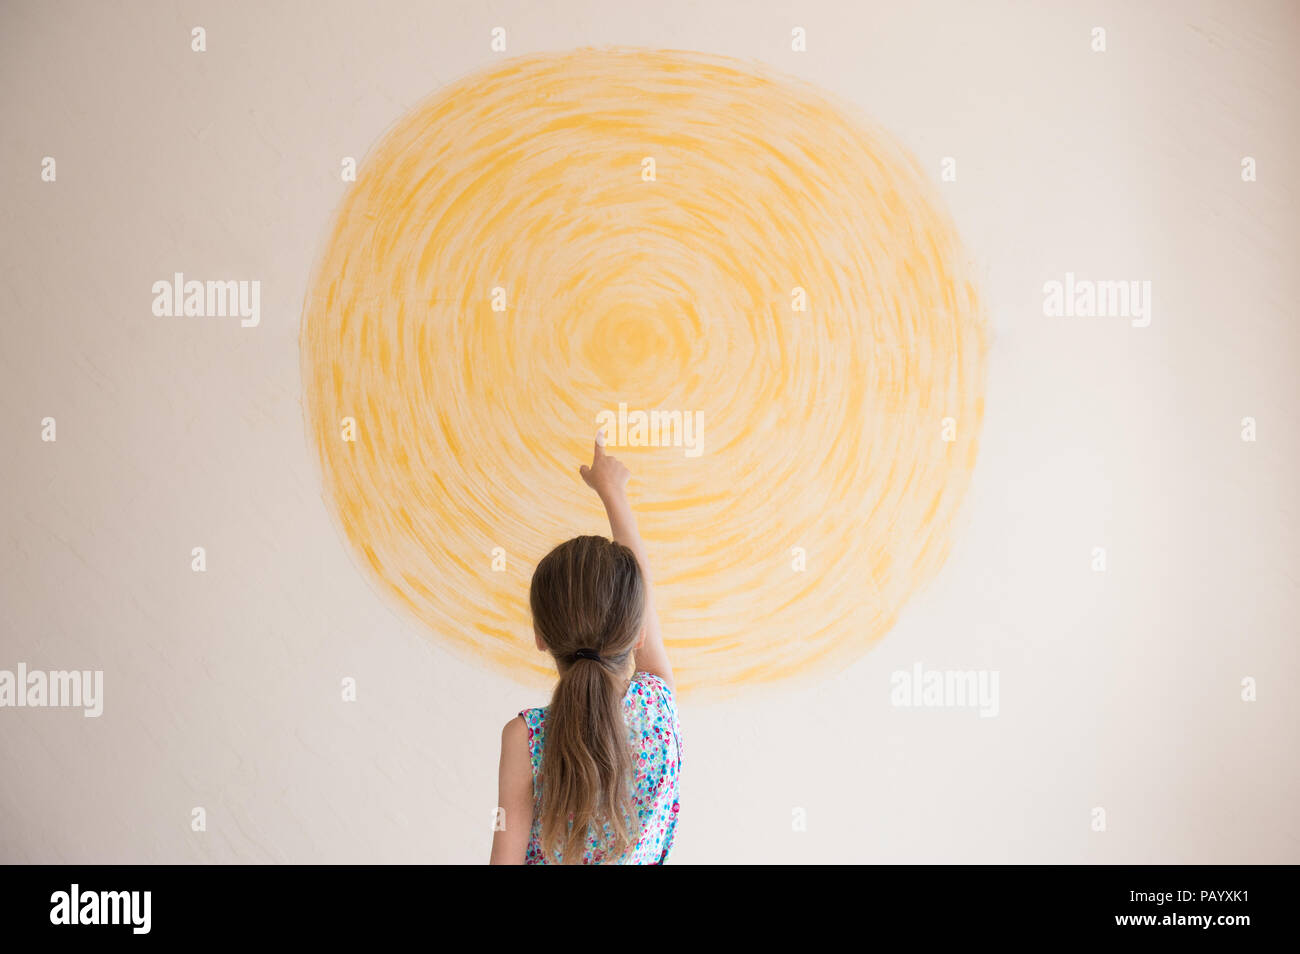 Niña dedo señalador en sol amarillo pintado en la pared interior Imagen De Stock